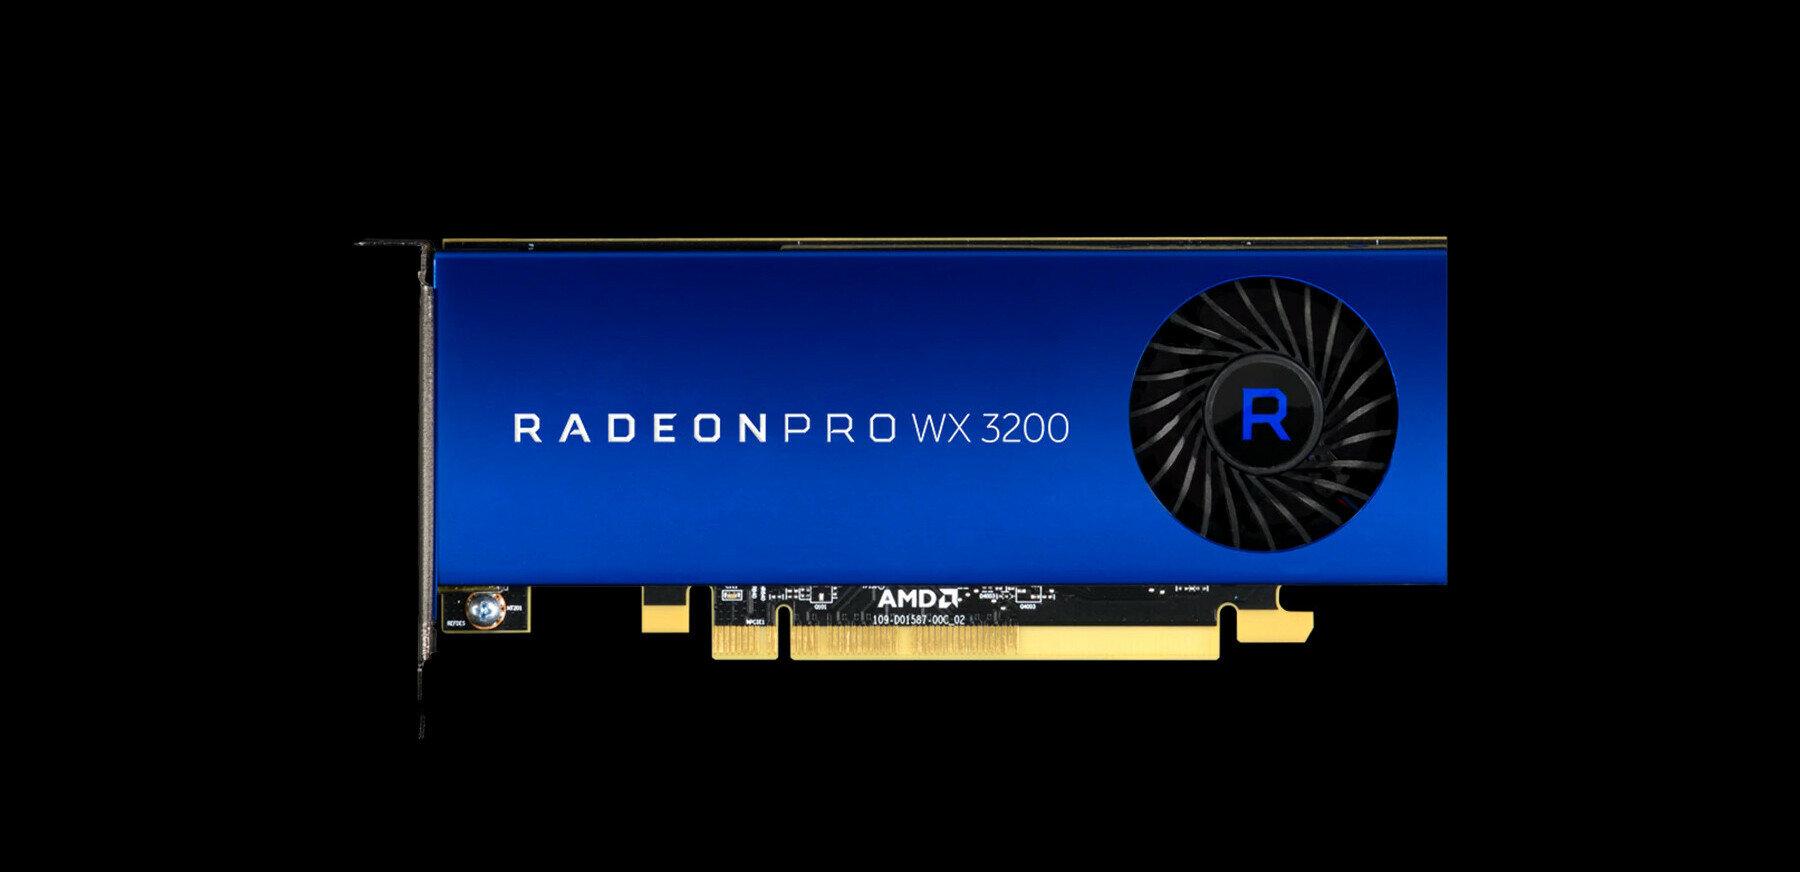 AMD annonce sa Radeon Pro WX 3200 « low profile » à 199 dollars, basée sur Polaris